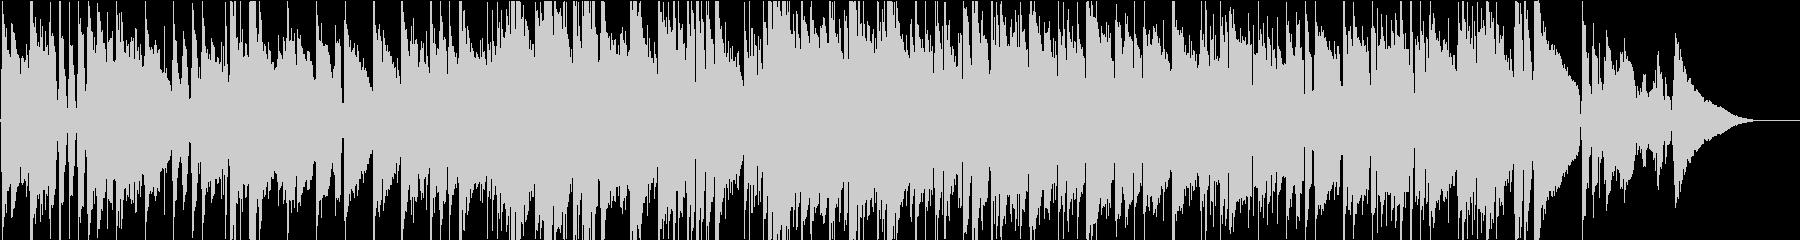 山田耕筰作曲の少しジャジーな赤とんぼの未再生の波形